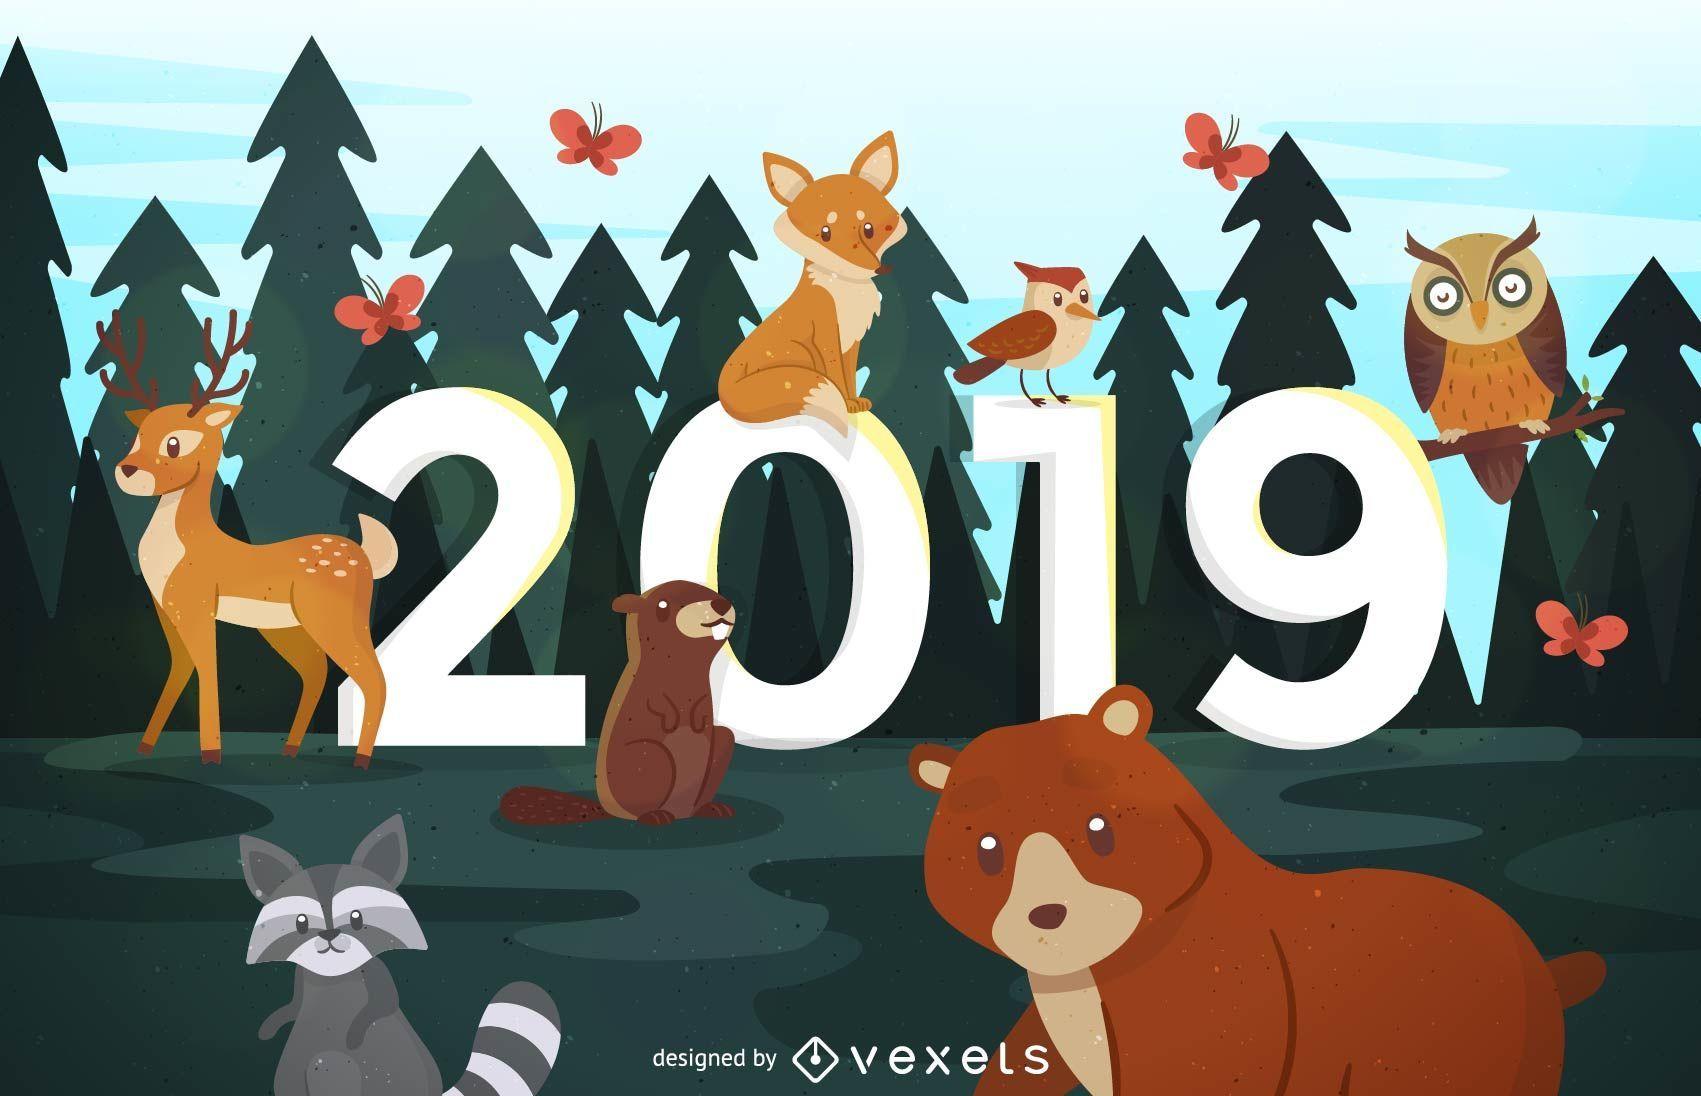 Diseño de animales del bosque de año nuevo.